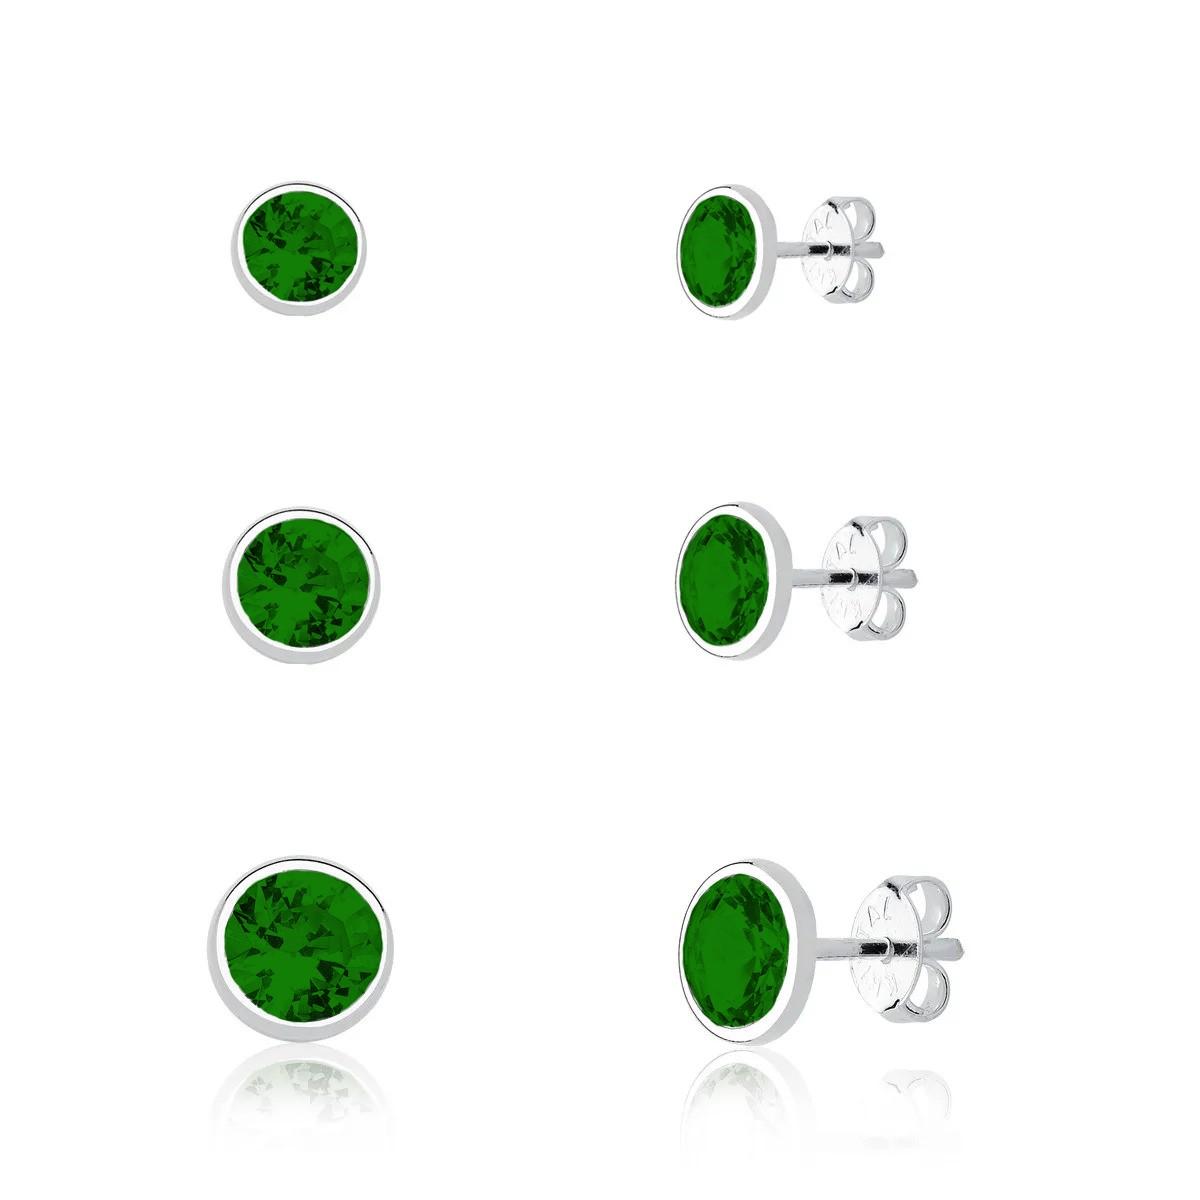 Brinco Kit Cristal Verde Escuro